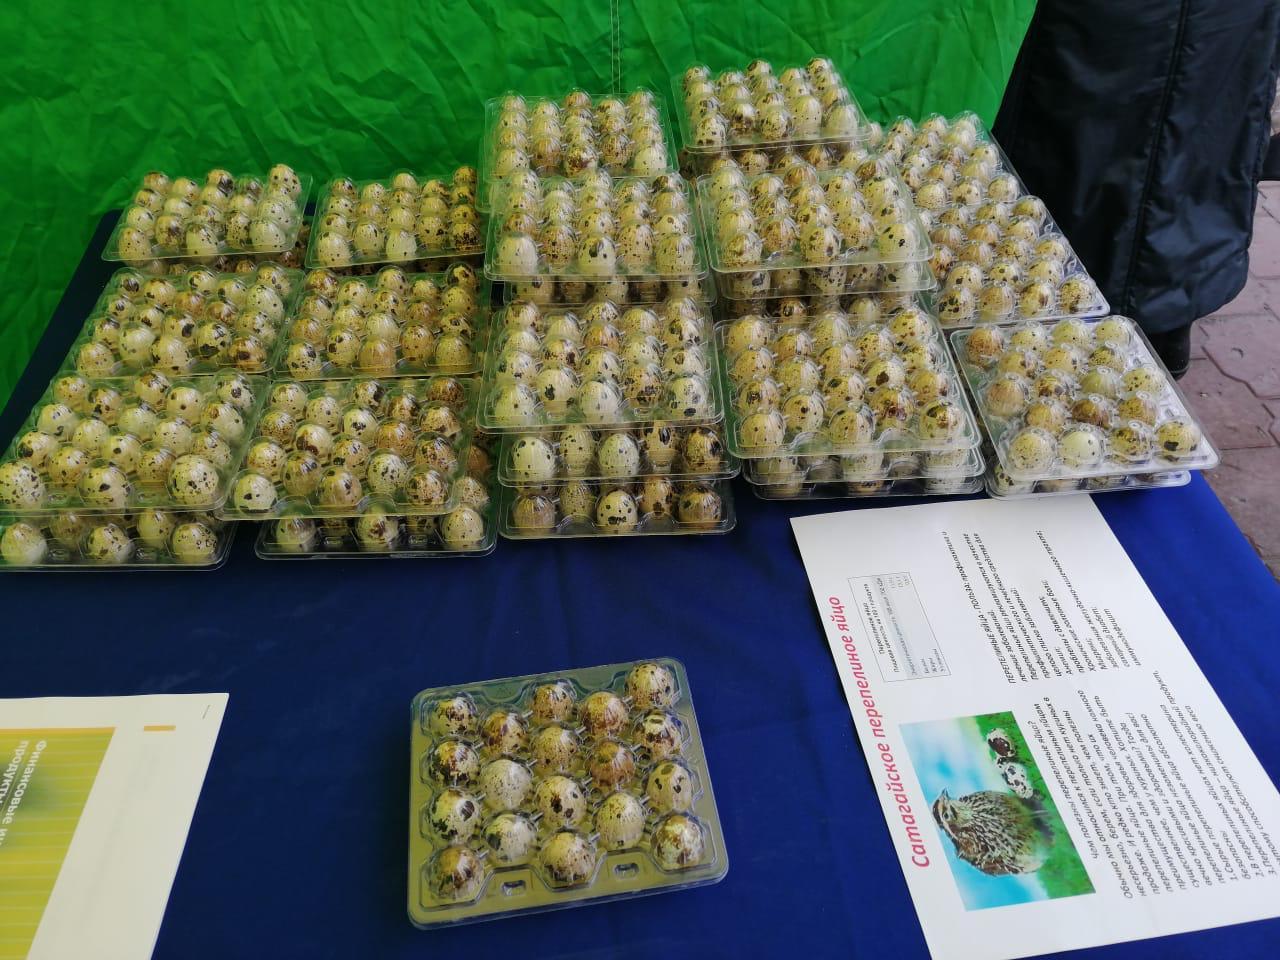 Бизнес в период пандемии. Амгинский фермер успешно реализует перепелиные яйца